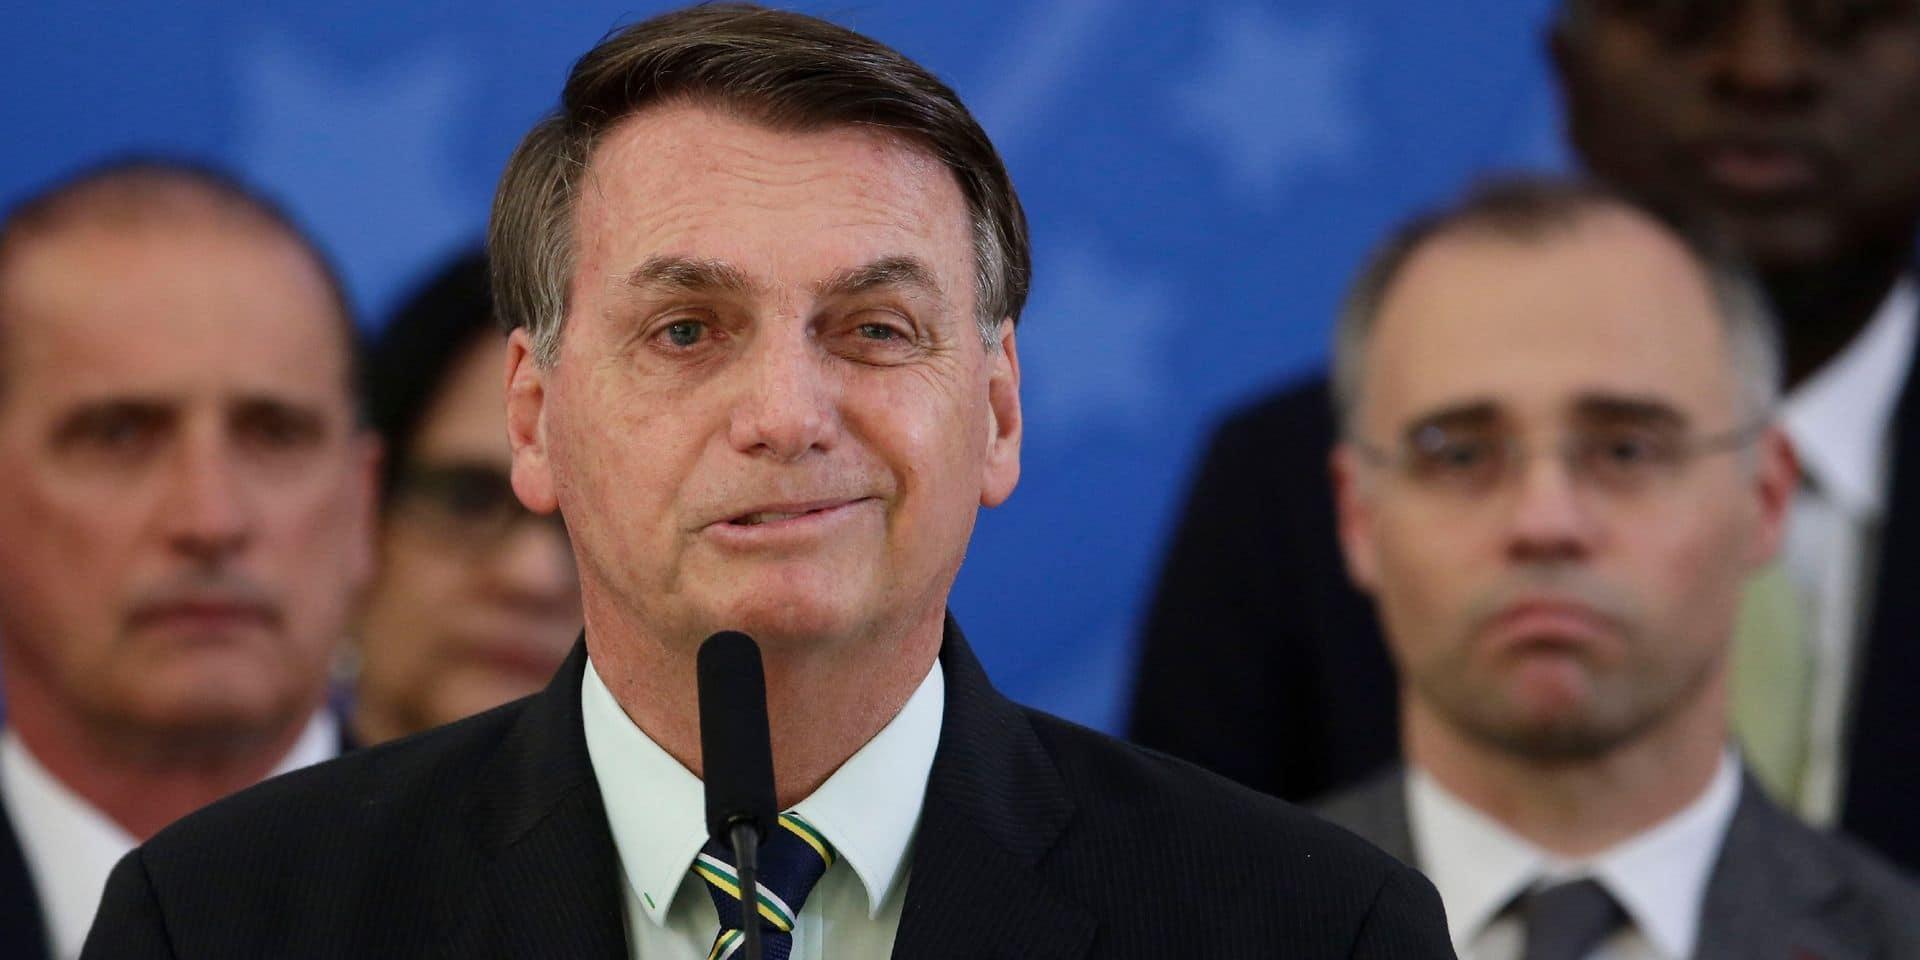 Coronavirus: Bolsonaro demande aux Brésiliens de filmer les hôpitaux et suscite un tollé